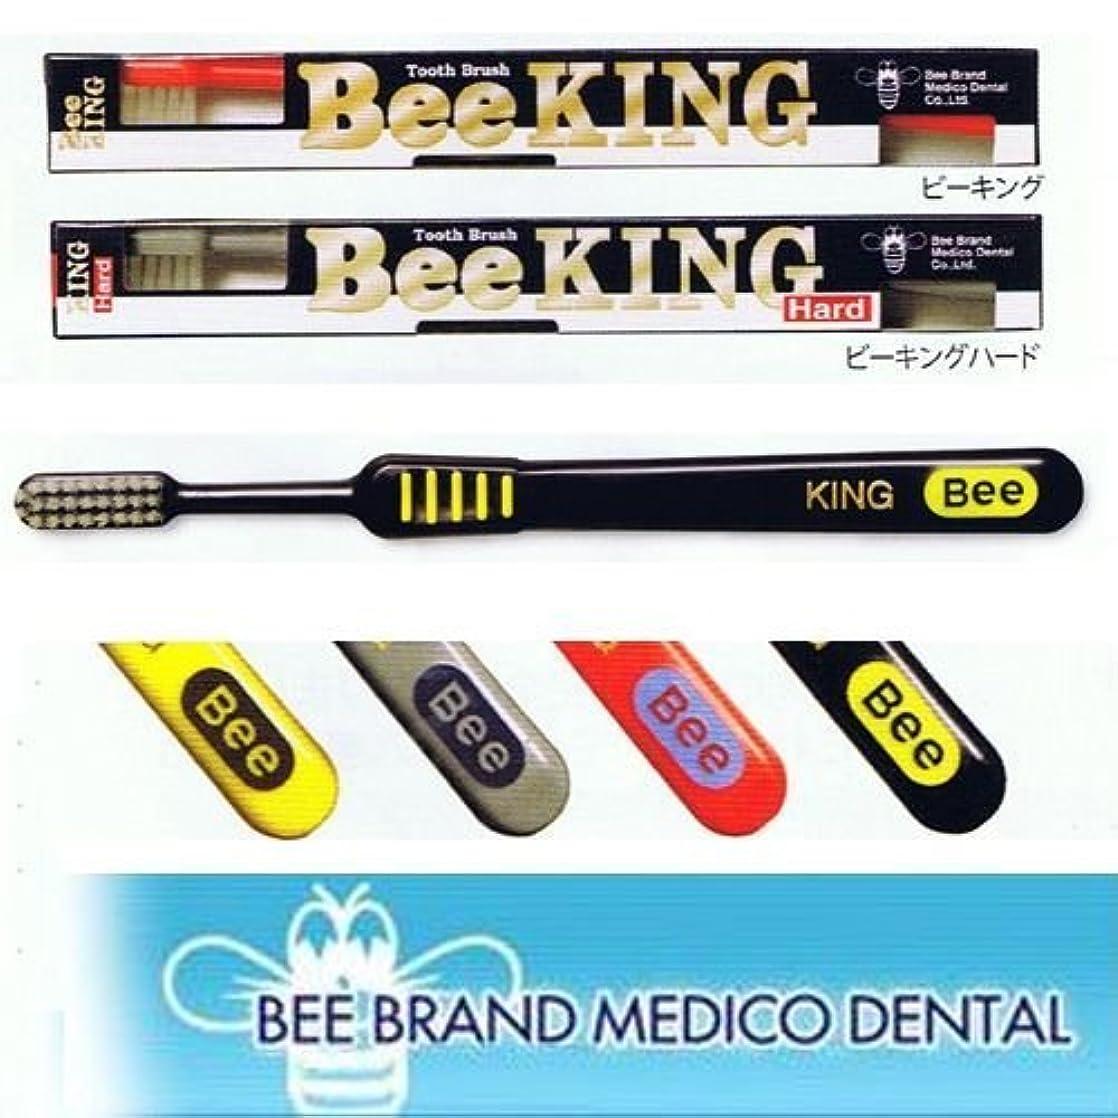 機動入り口変化するBeeBrand Dr.BEE 歯ブラシ キング ふつう